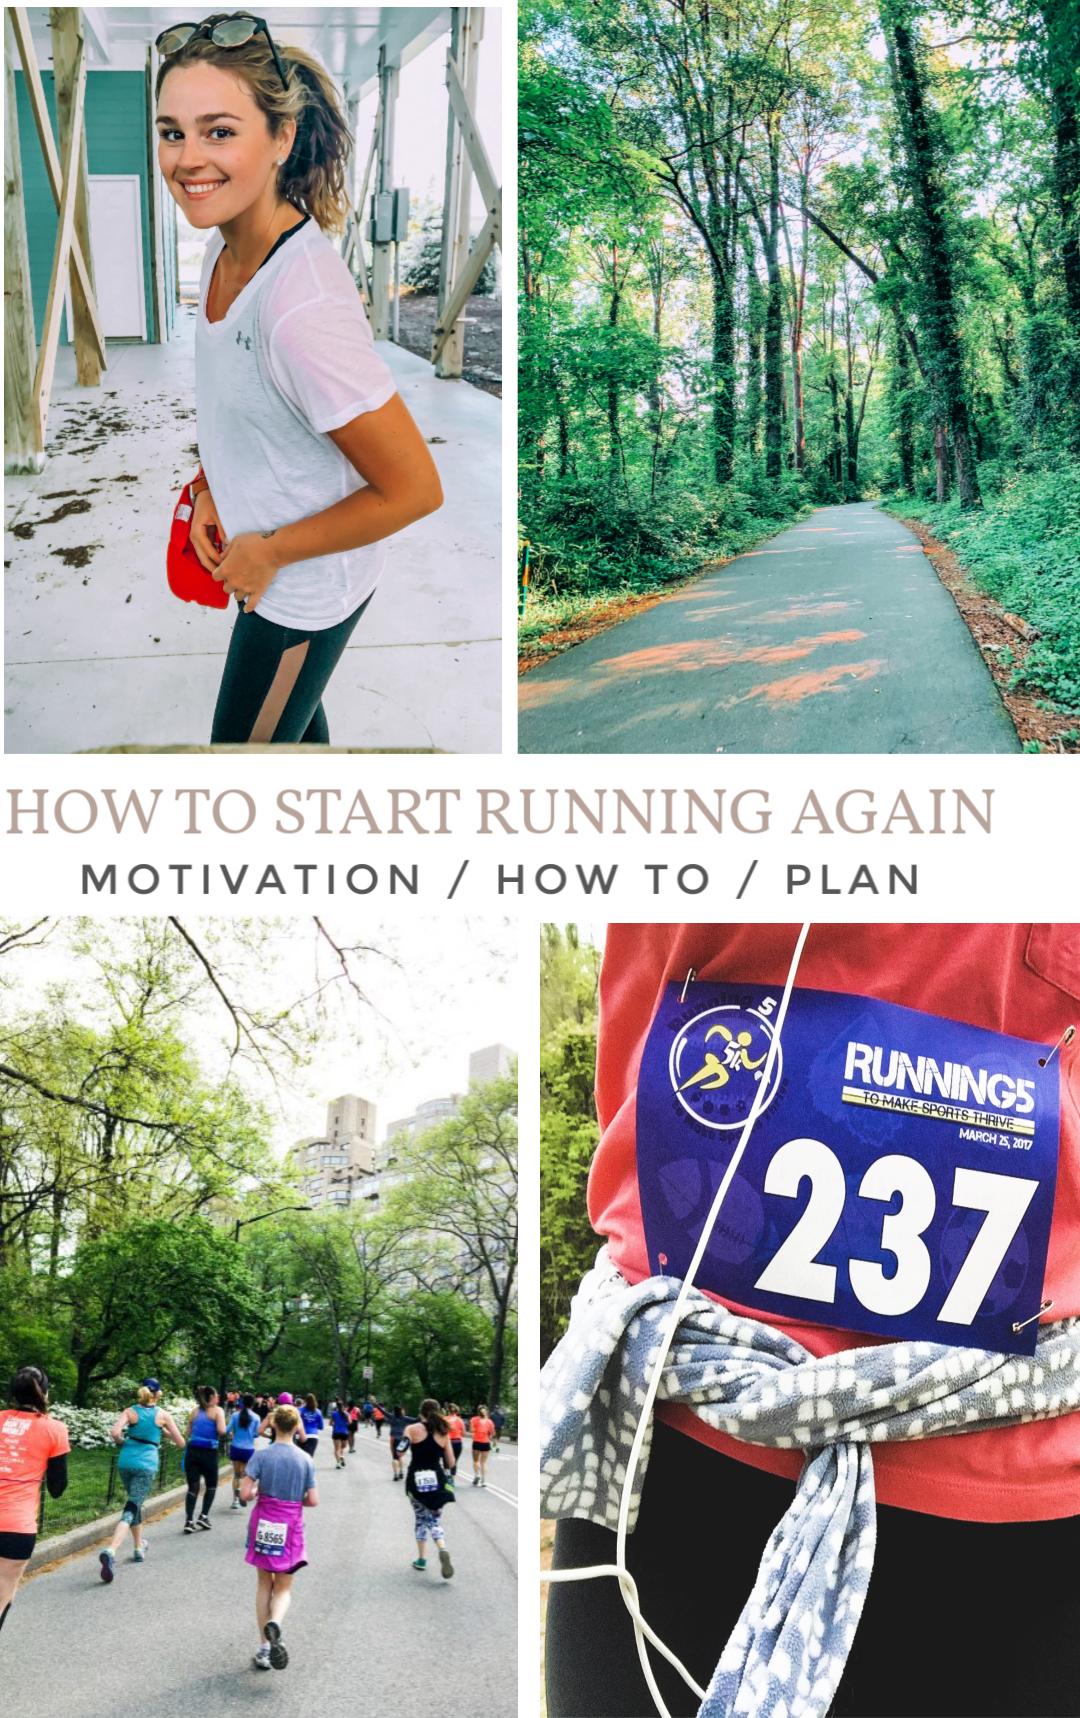 how to start running again, hiatus, running, get back into fitness, running, 5k, fun, get back, motivation, running motivation